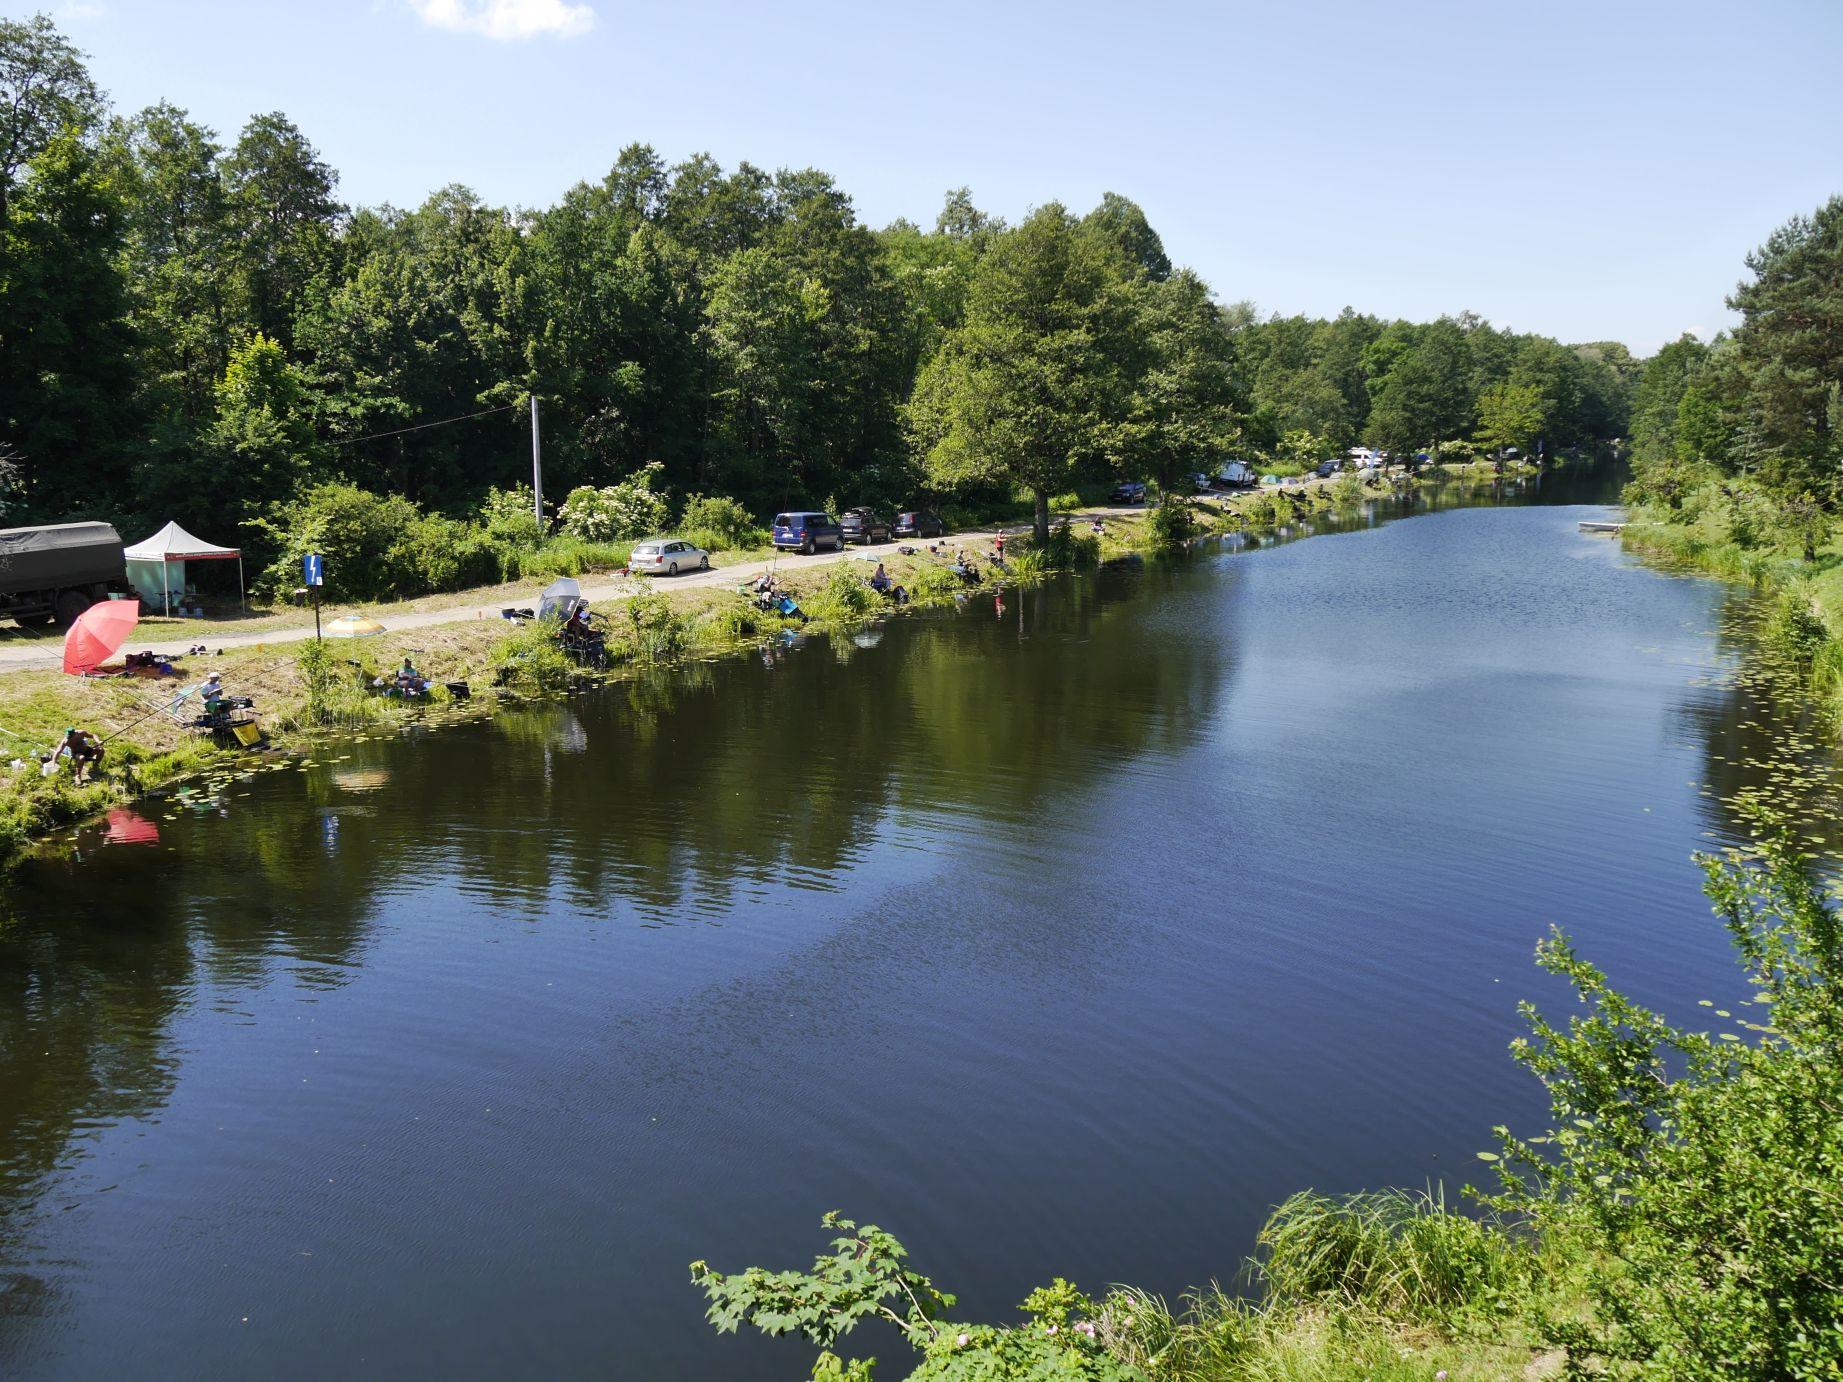 Die masurischen Seen sind über Kanäle miteinander verbunden